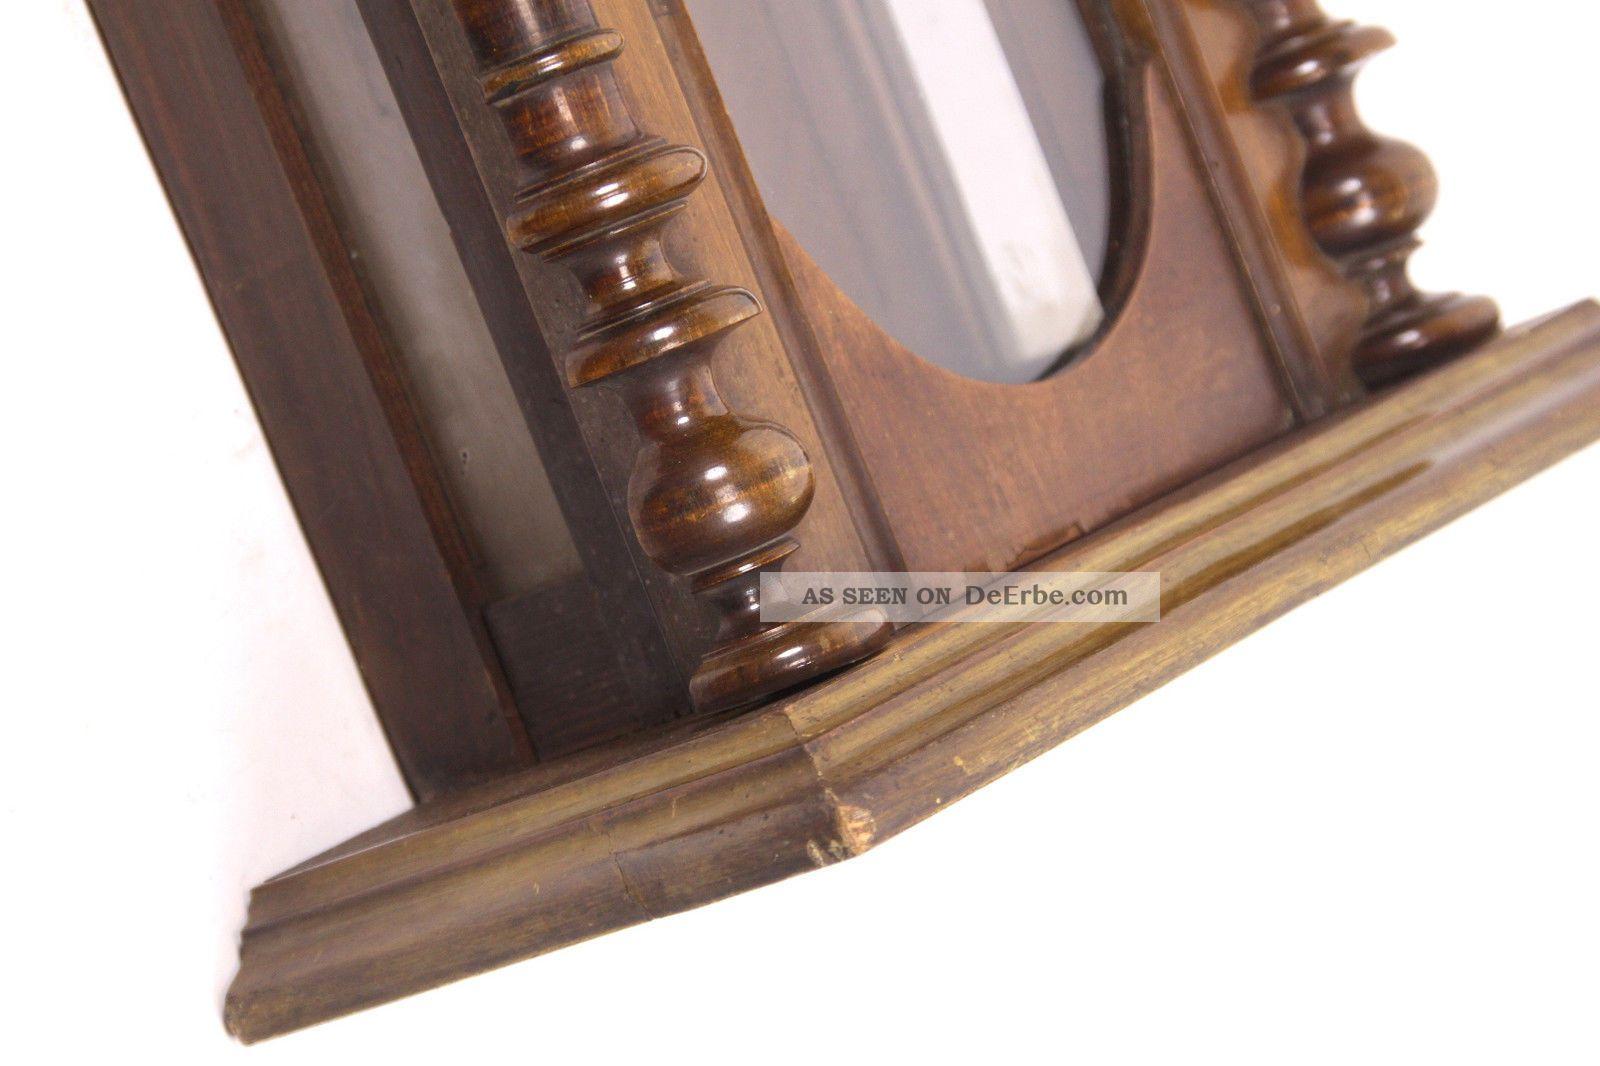 wanduhr holz glas inspirierendes design f r. Black Bedroom Furniture Sets. Home Design Ideas